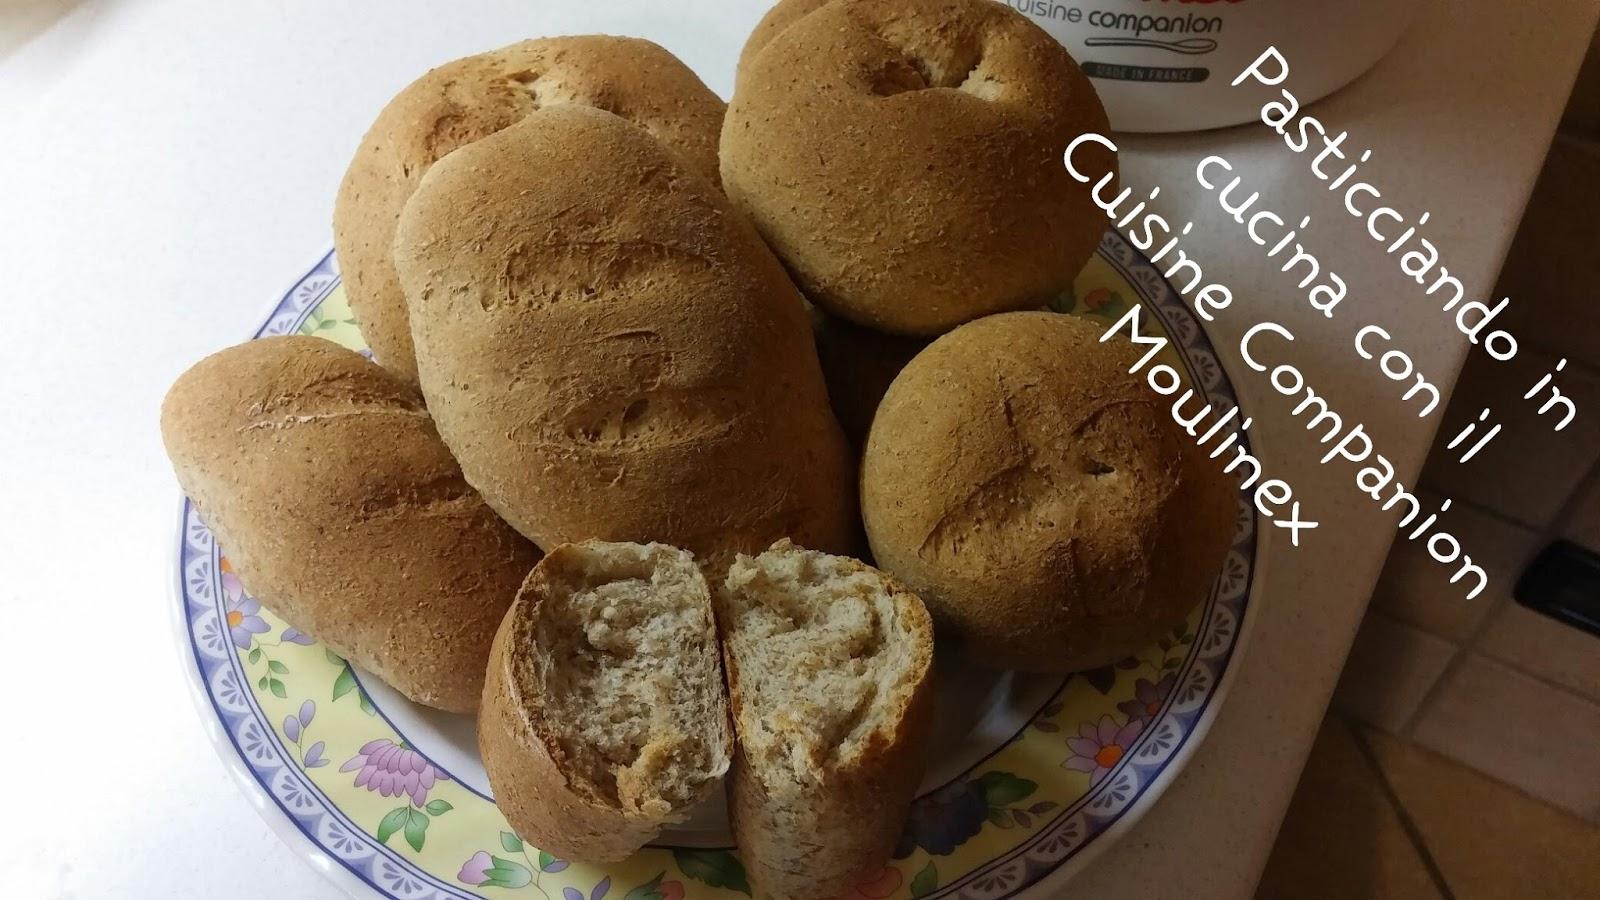 Pasticciando in cucina con il cuisine companion moulinex for Cuisine integrale